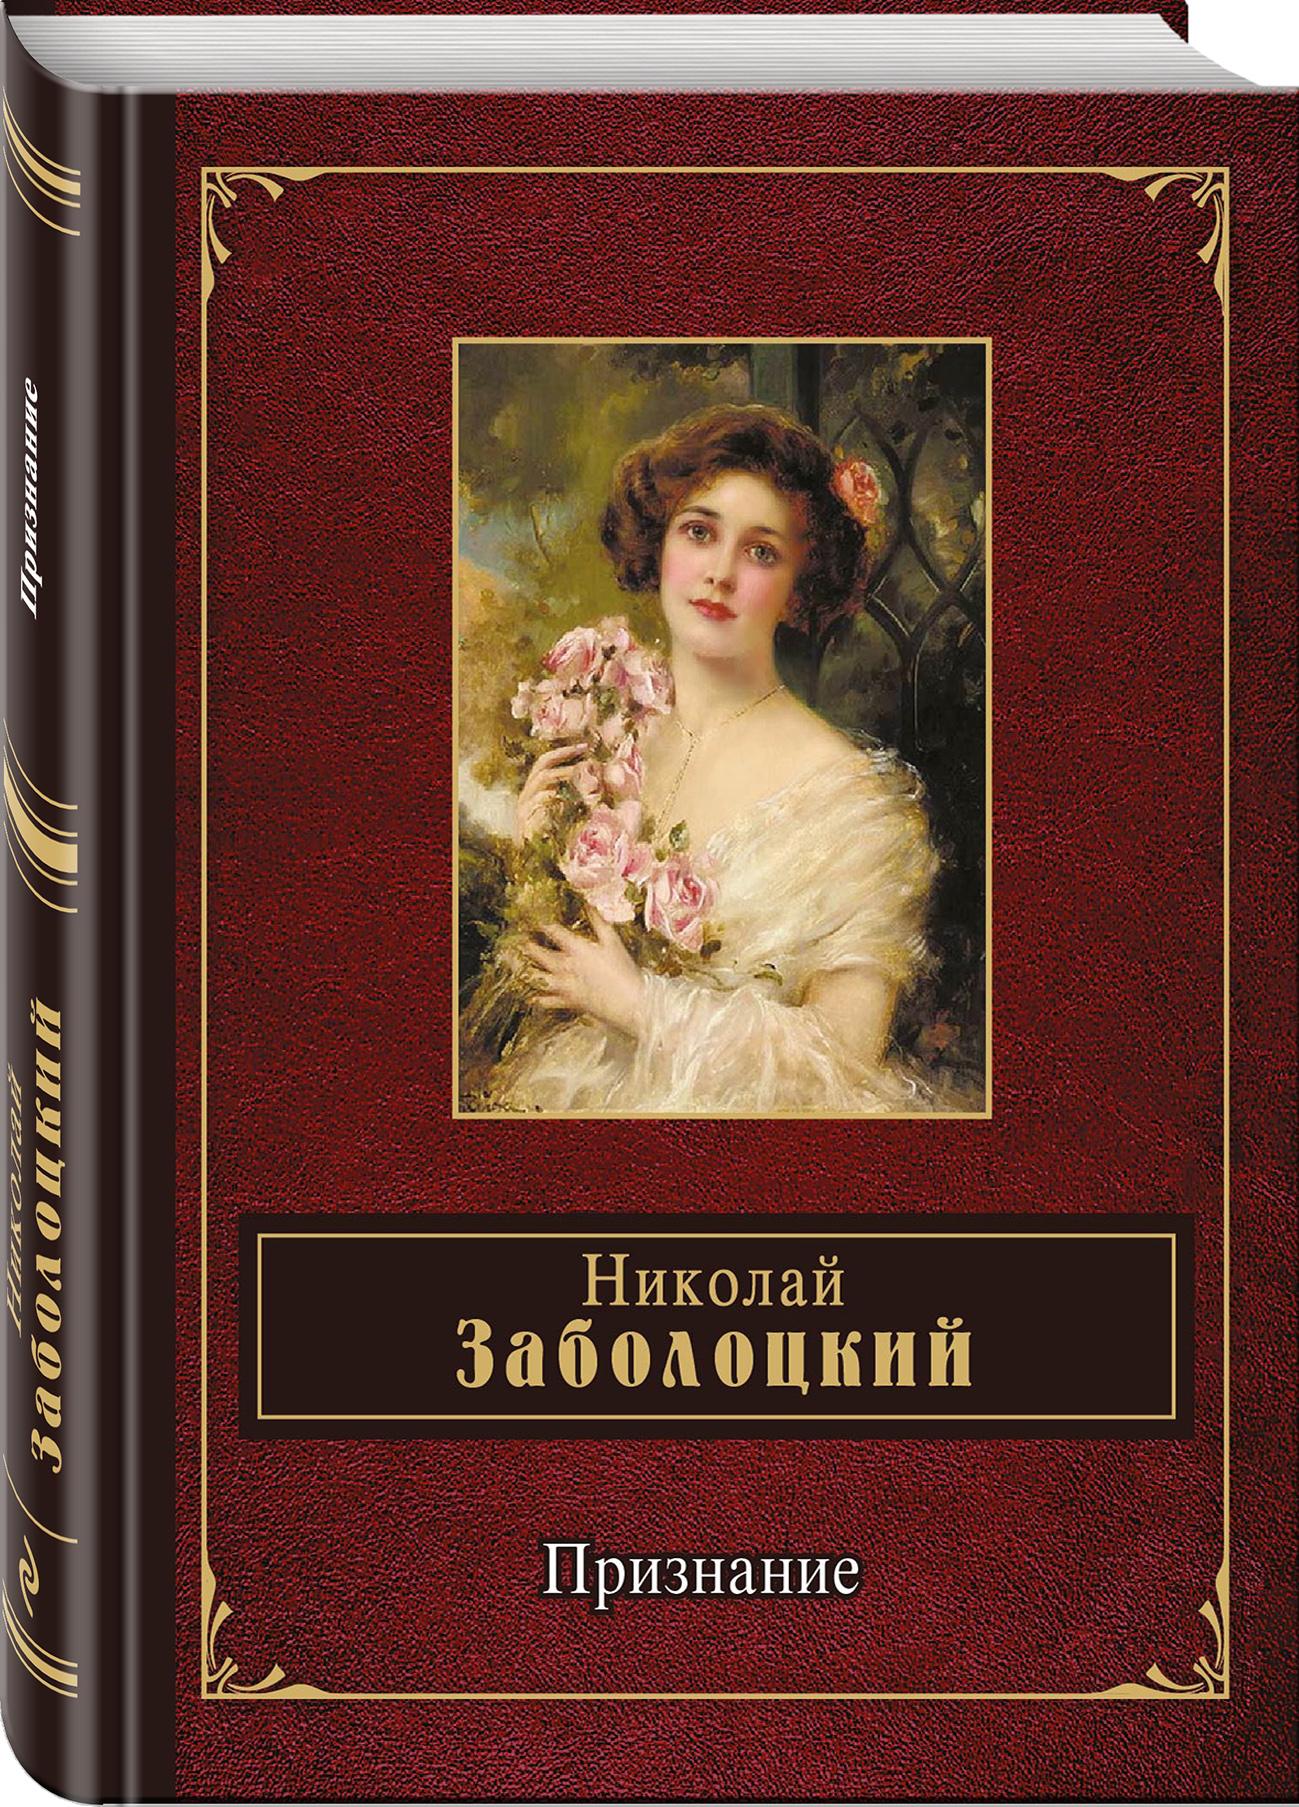 Заболоцкий Н.А. Признание виталий бернштейн это было сборник стихотворений и поэм